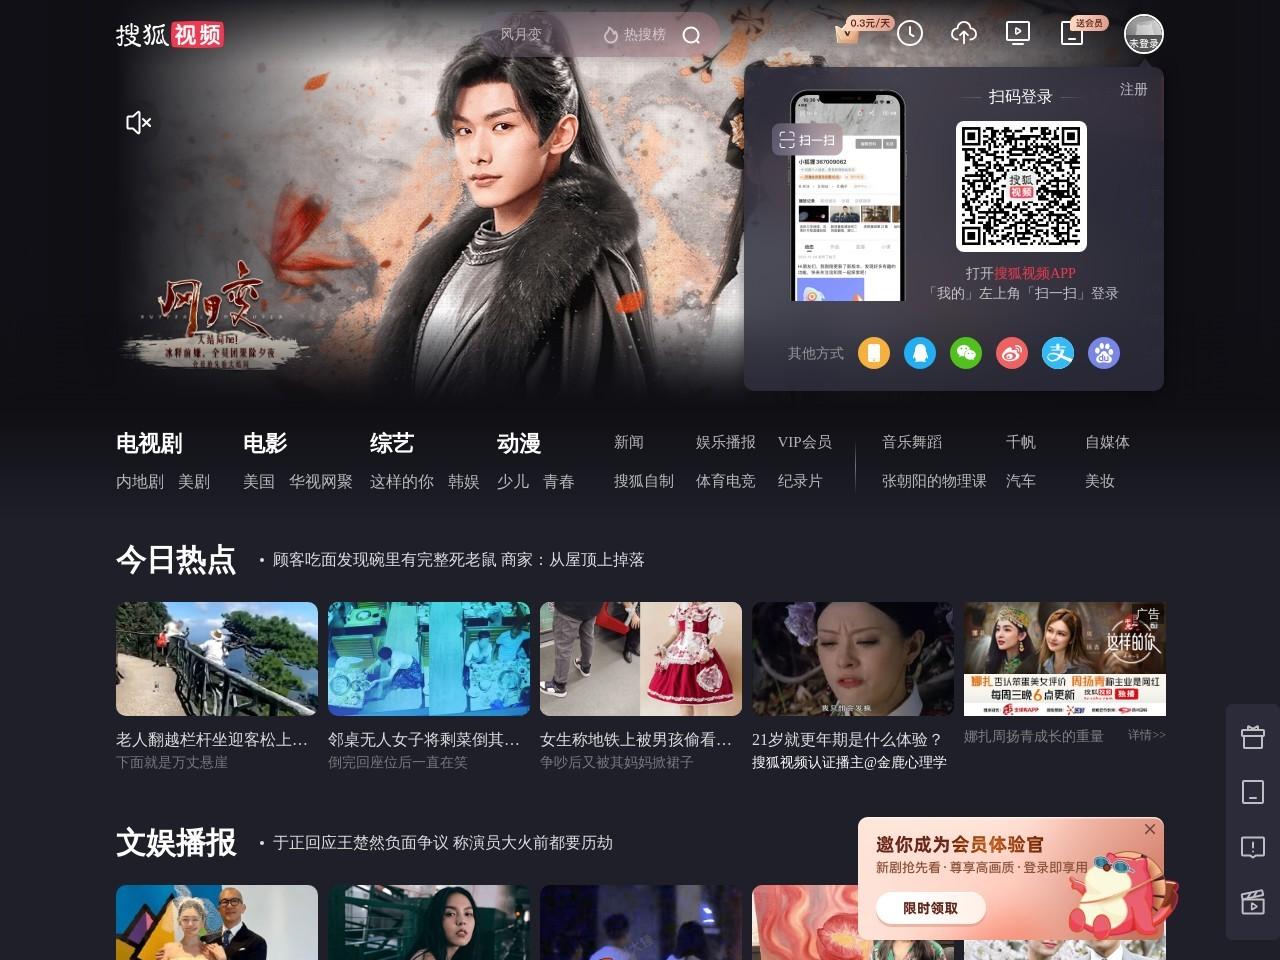 高甜预警!张翰徐璐甜蜜互动 捏脸对视好甜-娱乐视频-搜狐视频